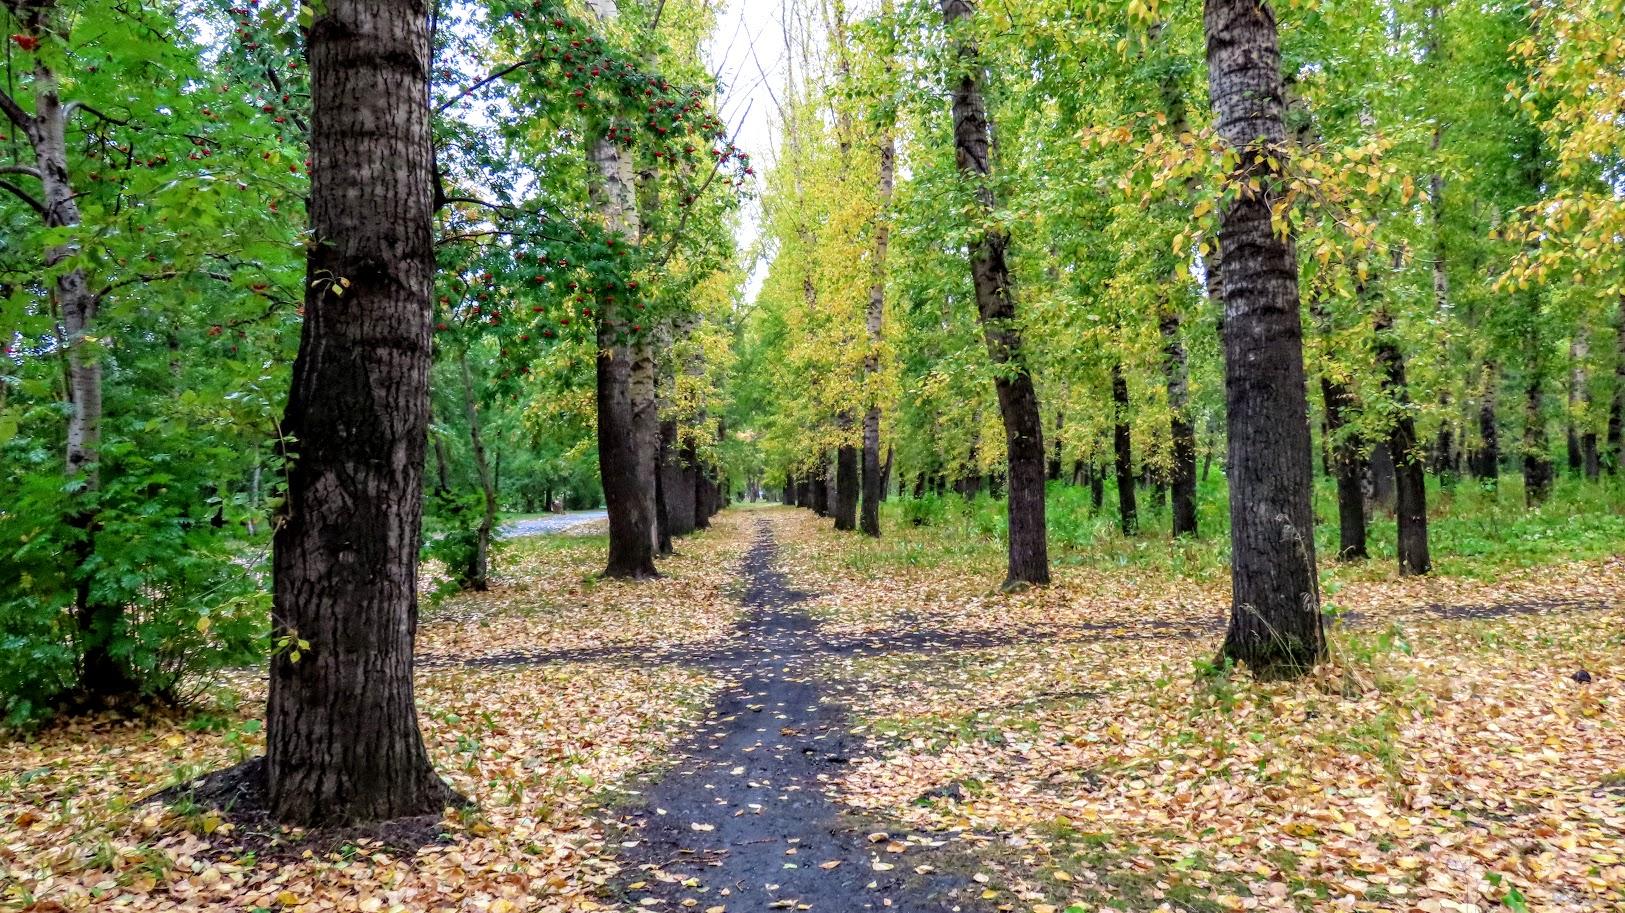 Чайка, шершни и собачки. В Комсомольском парке( 21 фото) 35859584